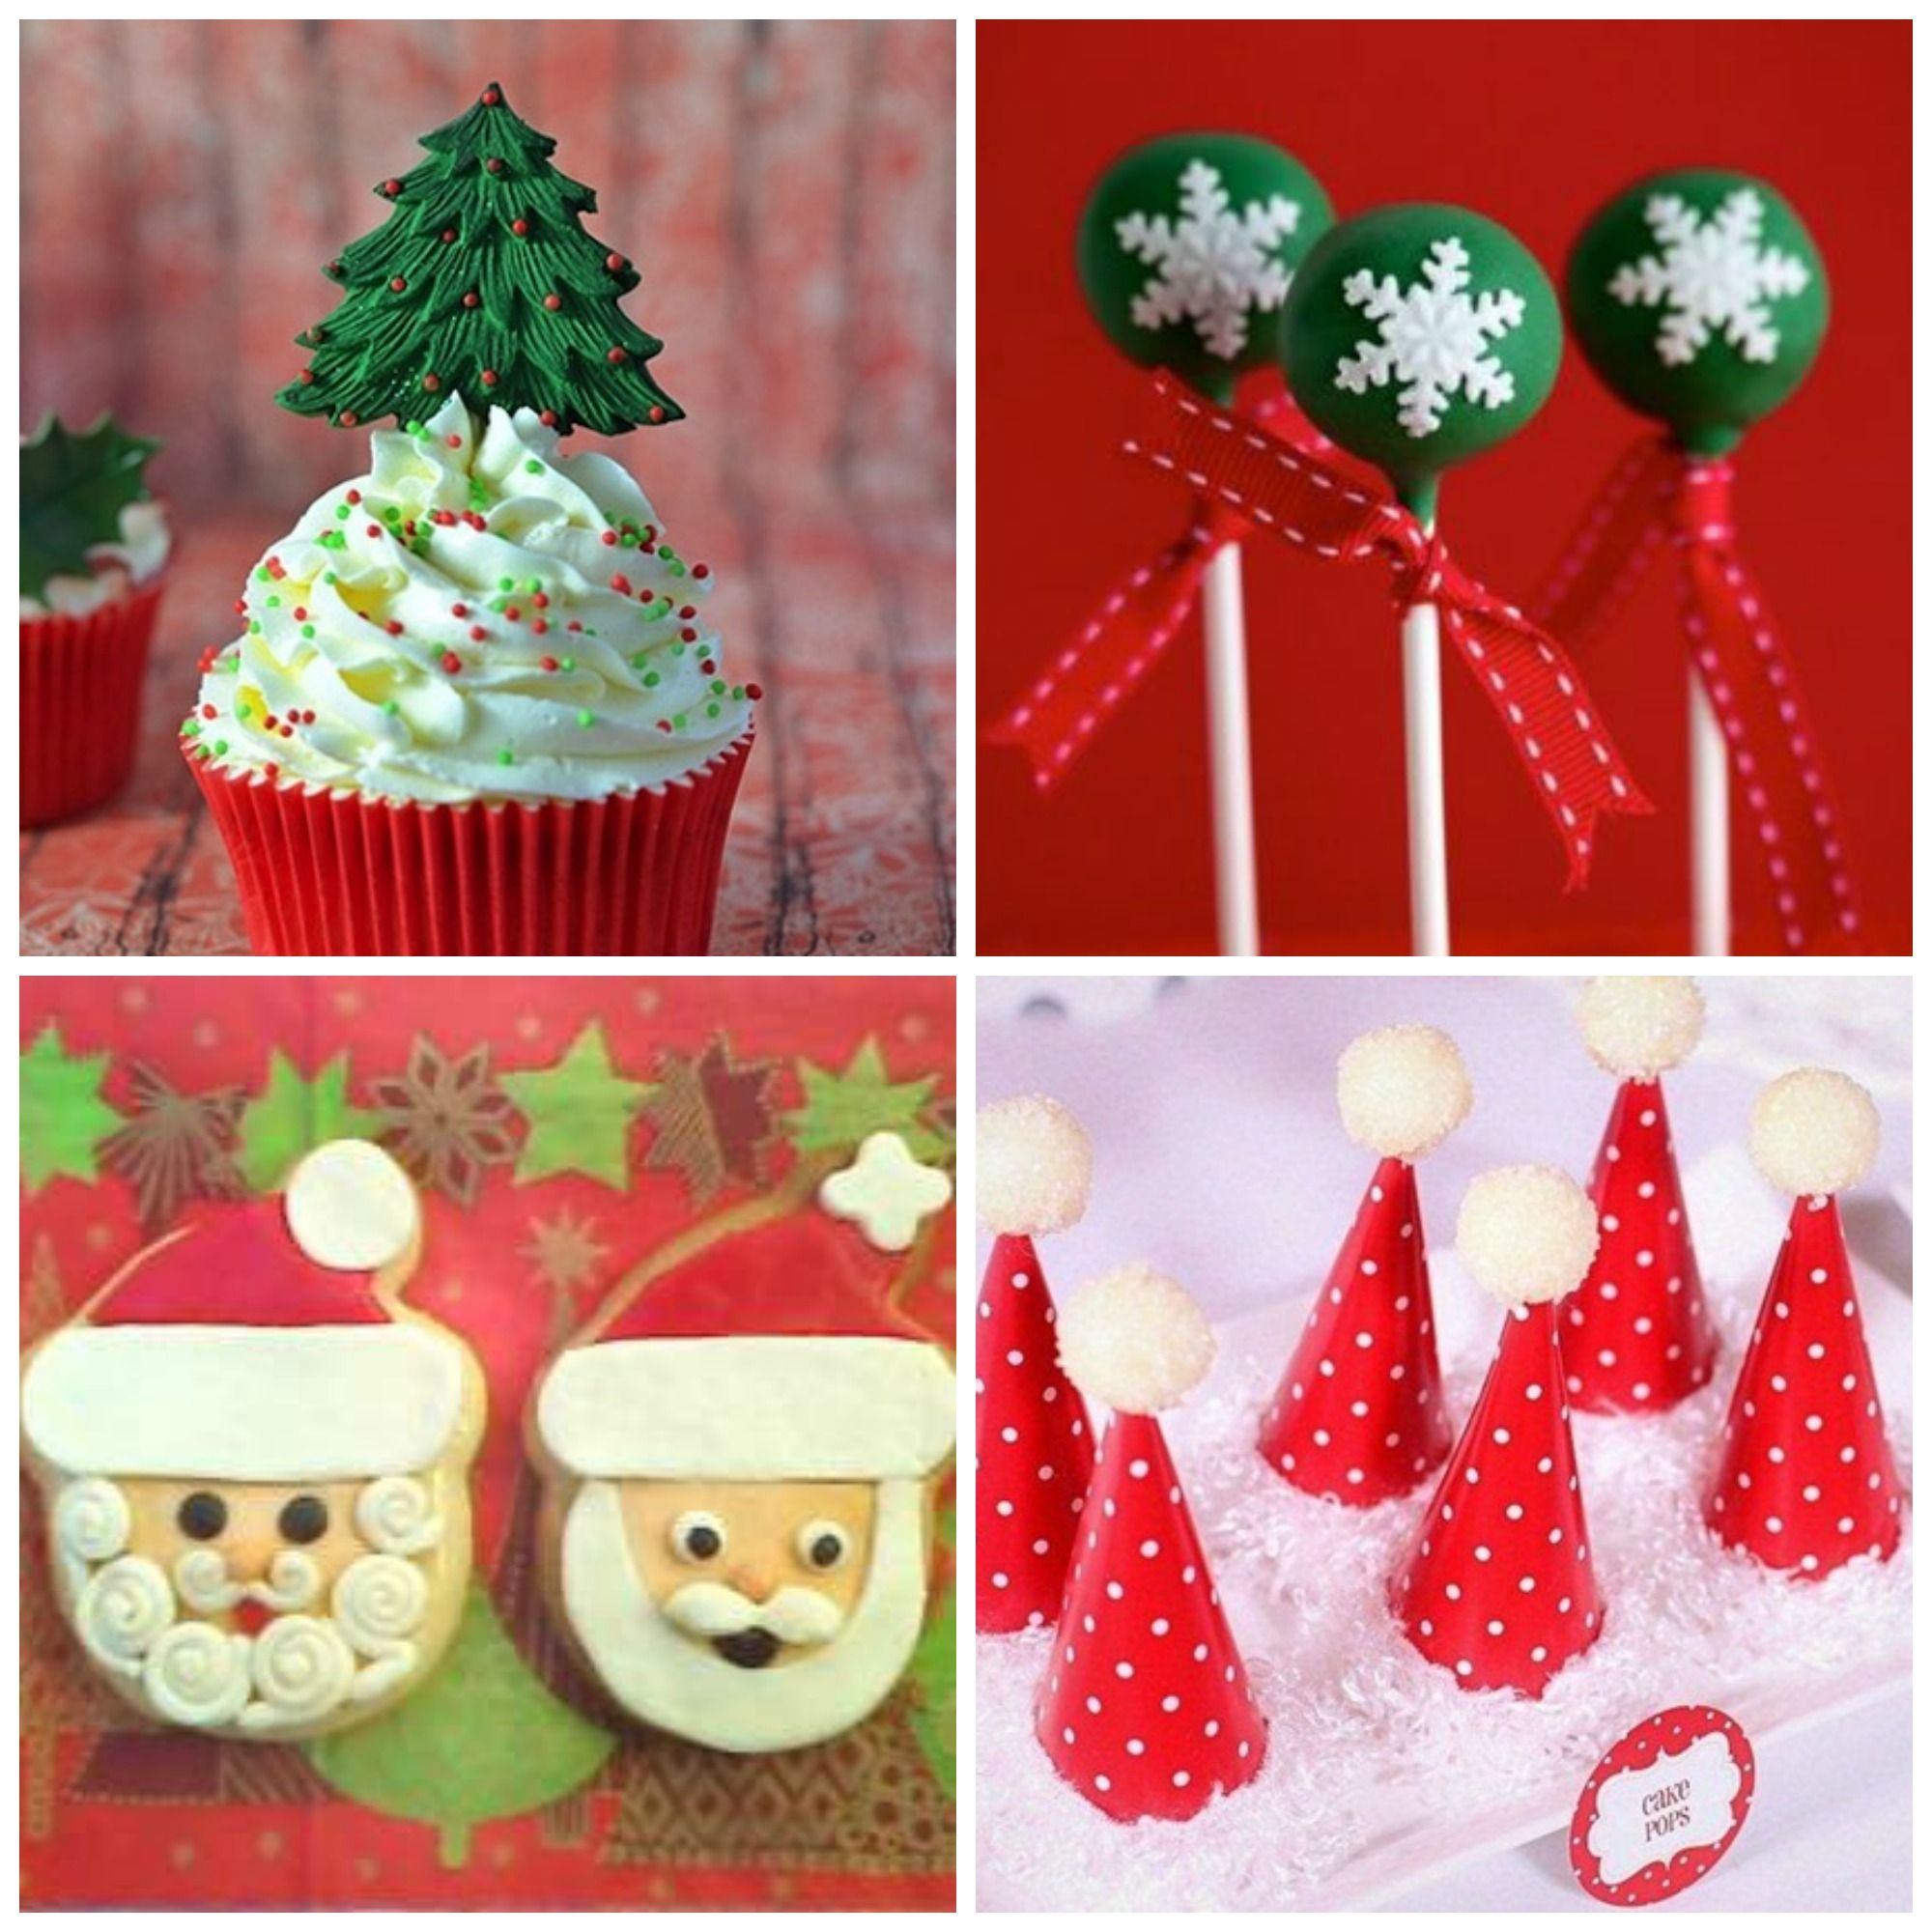 Decoracion de mesas navide as de dulces buscar con - Decoracion mesas navidenas ...